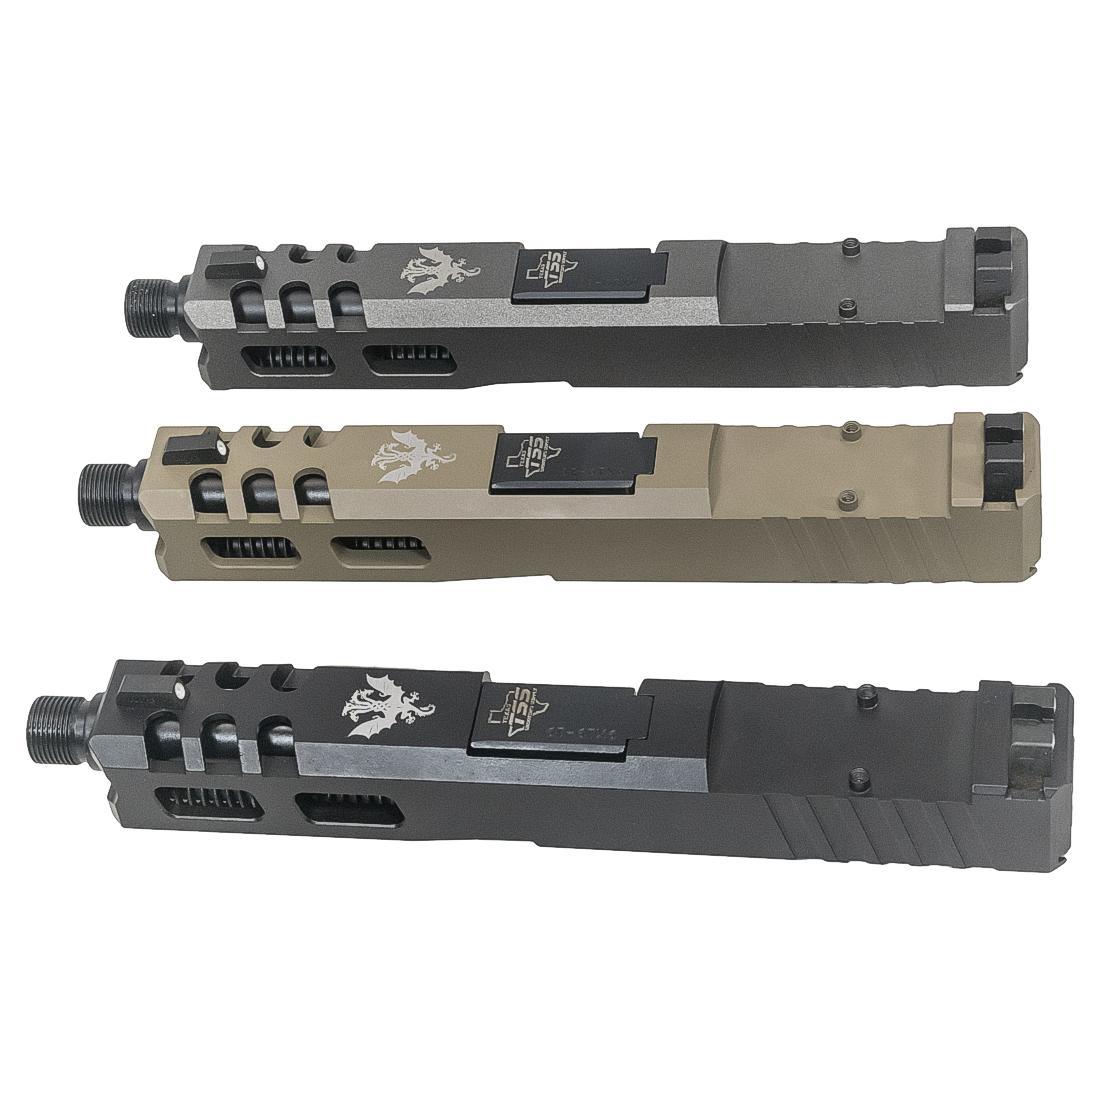 TSS Glock 19 G3 Complete Slide